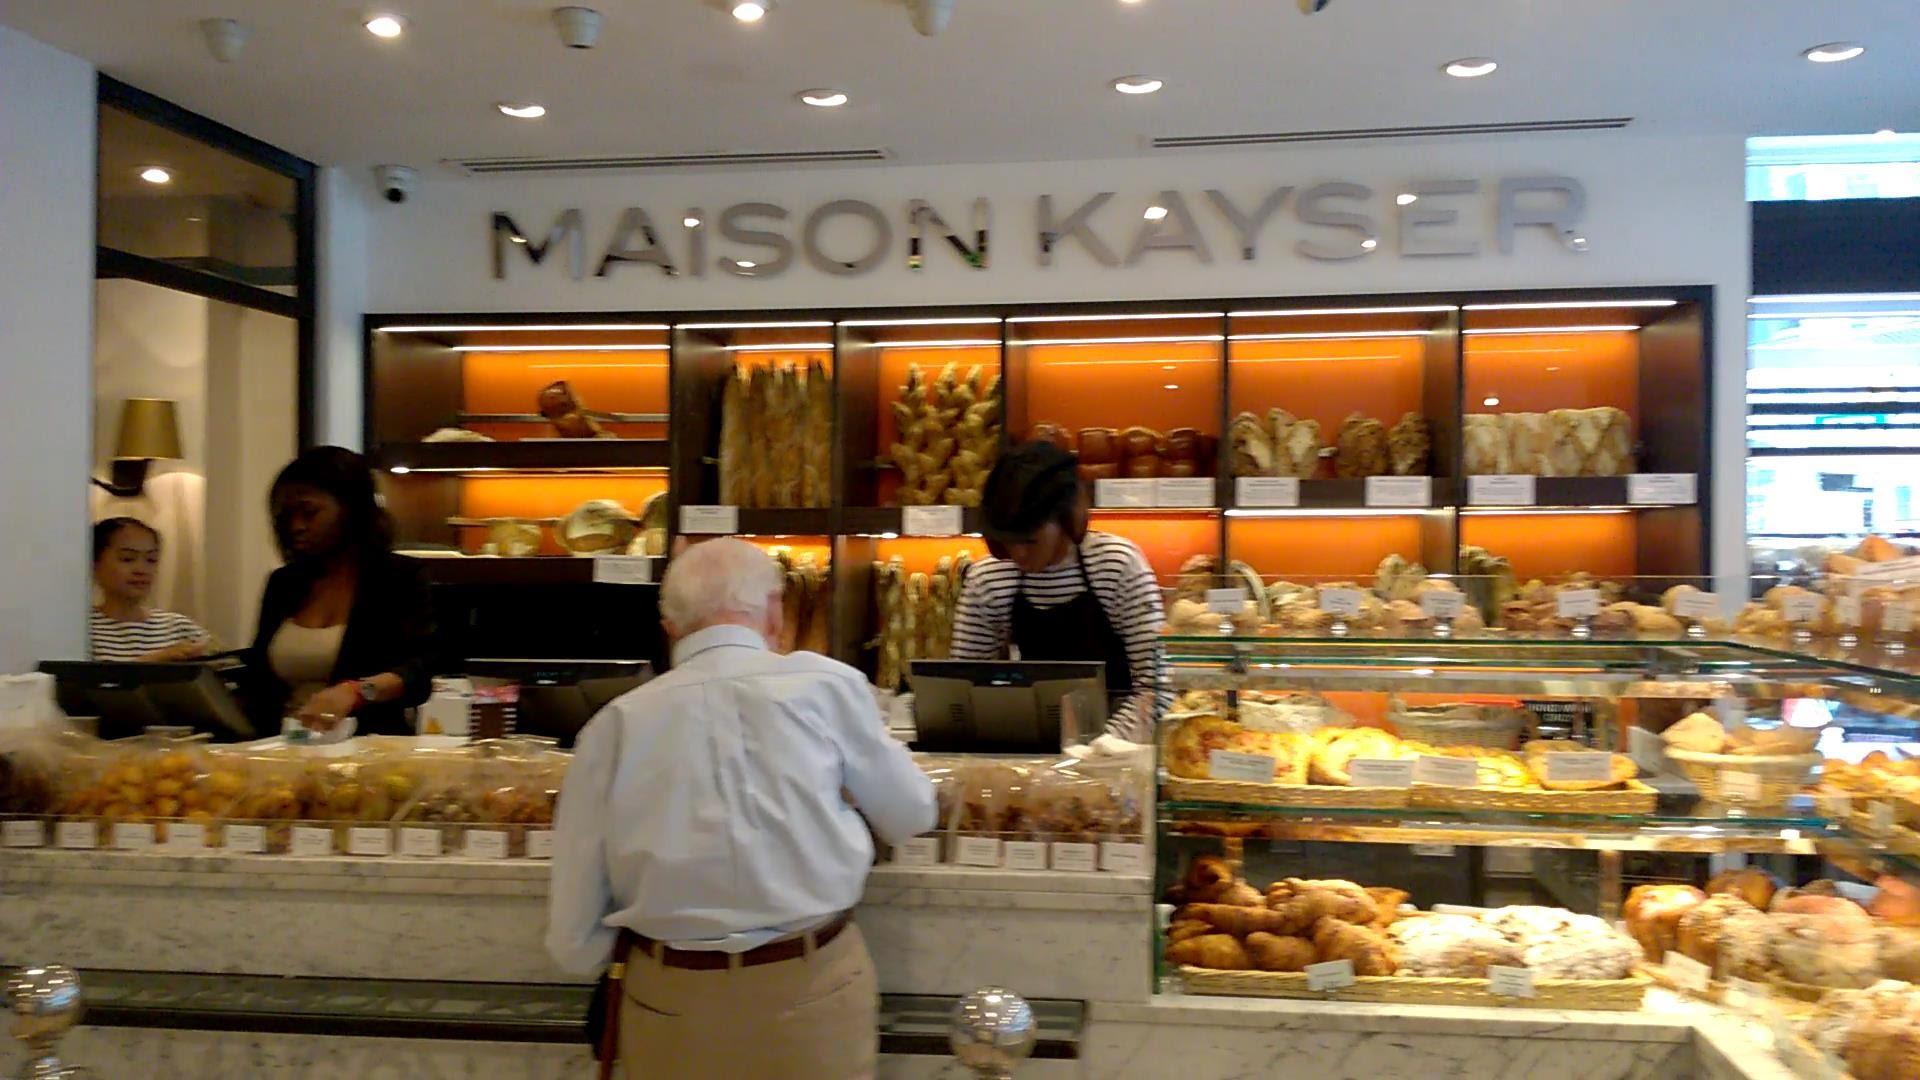 Maison Kayser cafe restaurant new york bakery french